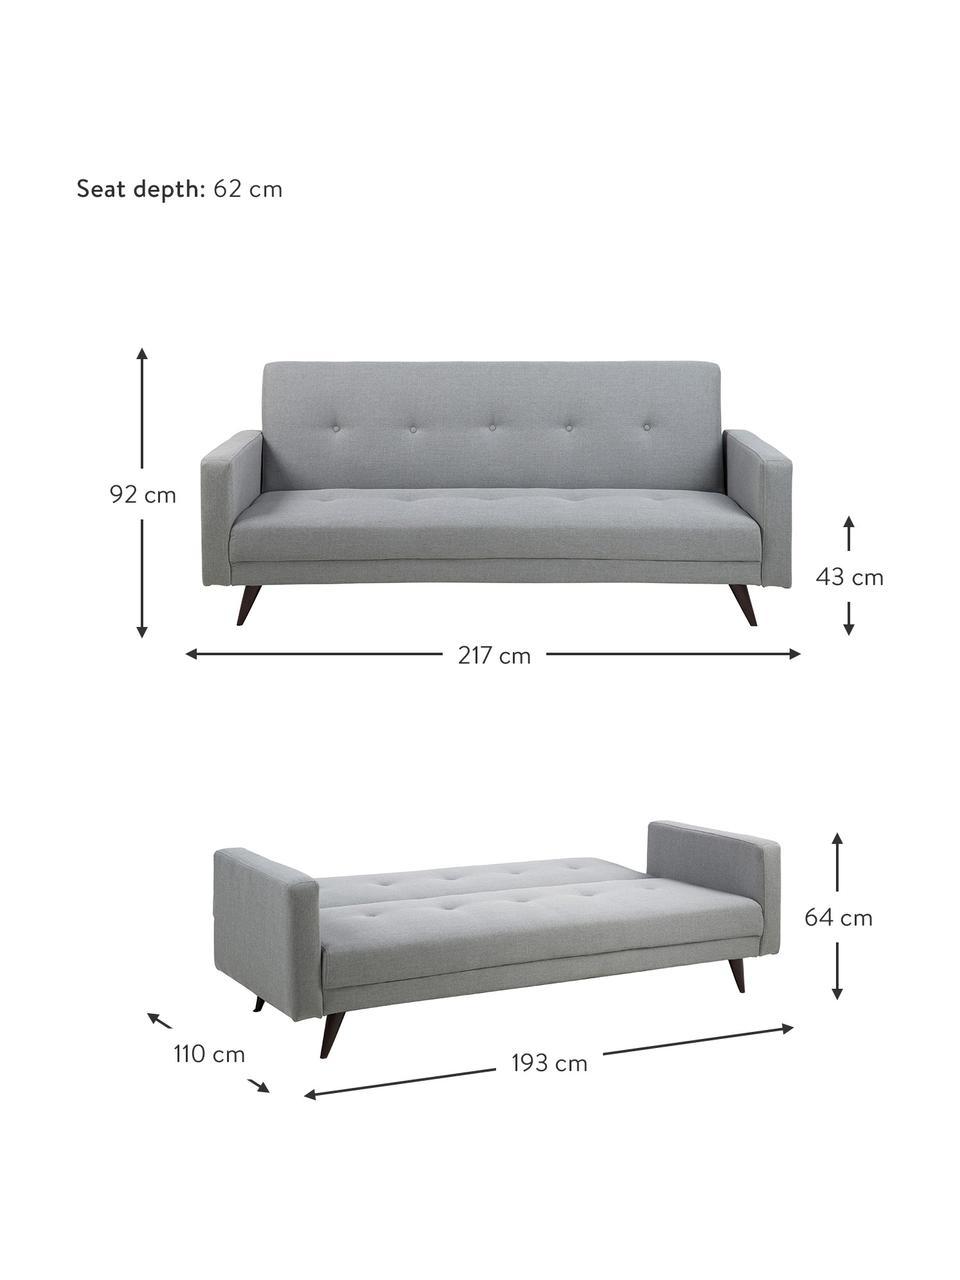 Sofa rozkładana Leconi (3-osobowa), Tapicerka: poliester, Nogi: drewno kauczukowe, lakier, Jasny szary, S 217 x G 89 cm